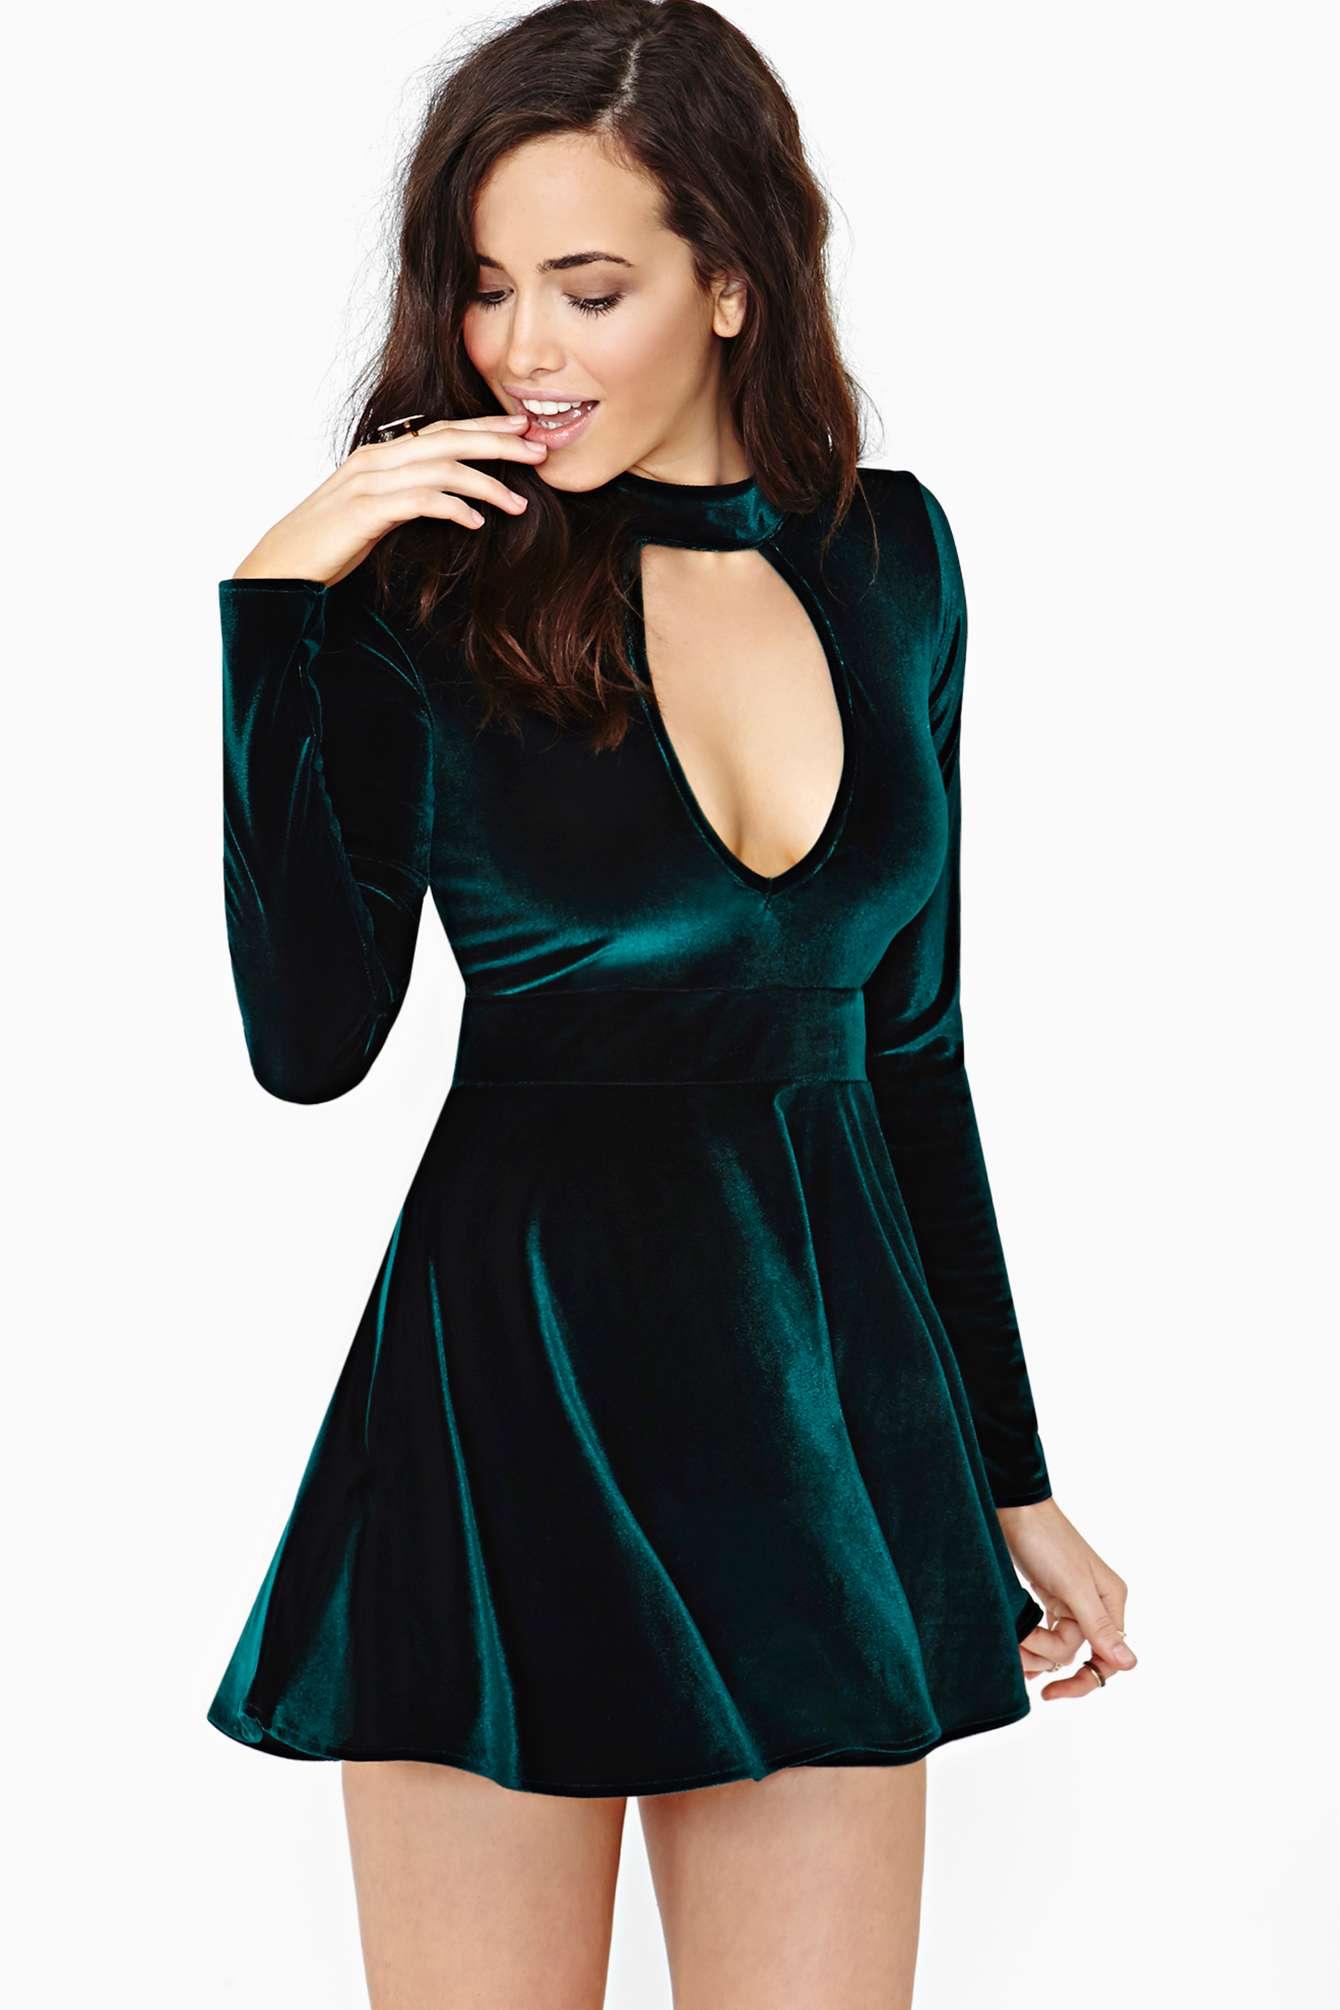 nasty-gal-green-for-love-lemons-anna-velvet-dress-emerald-product-1-13679915-1-859177075-normal Платья из бархата. Фасоны и фото: для молодежи, полных женщин, беременных, в стиле бохо, длинные, короткие, трапеция, кружева, велюр, тренды моды 2019